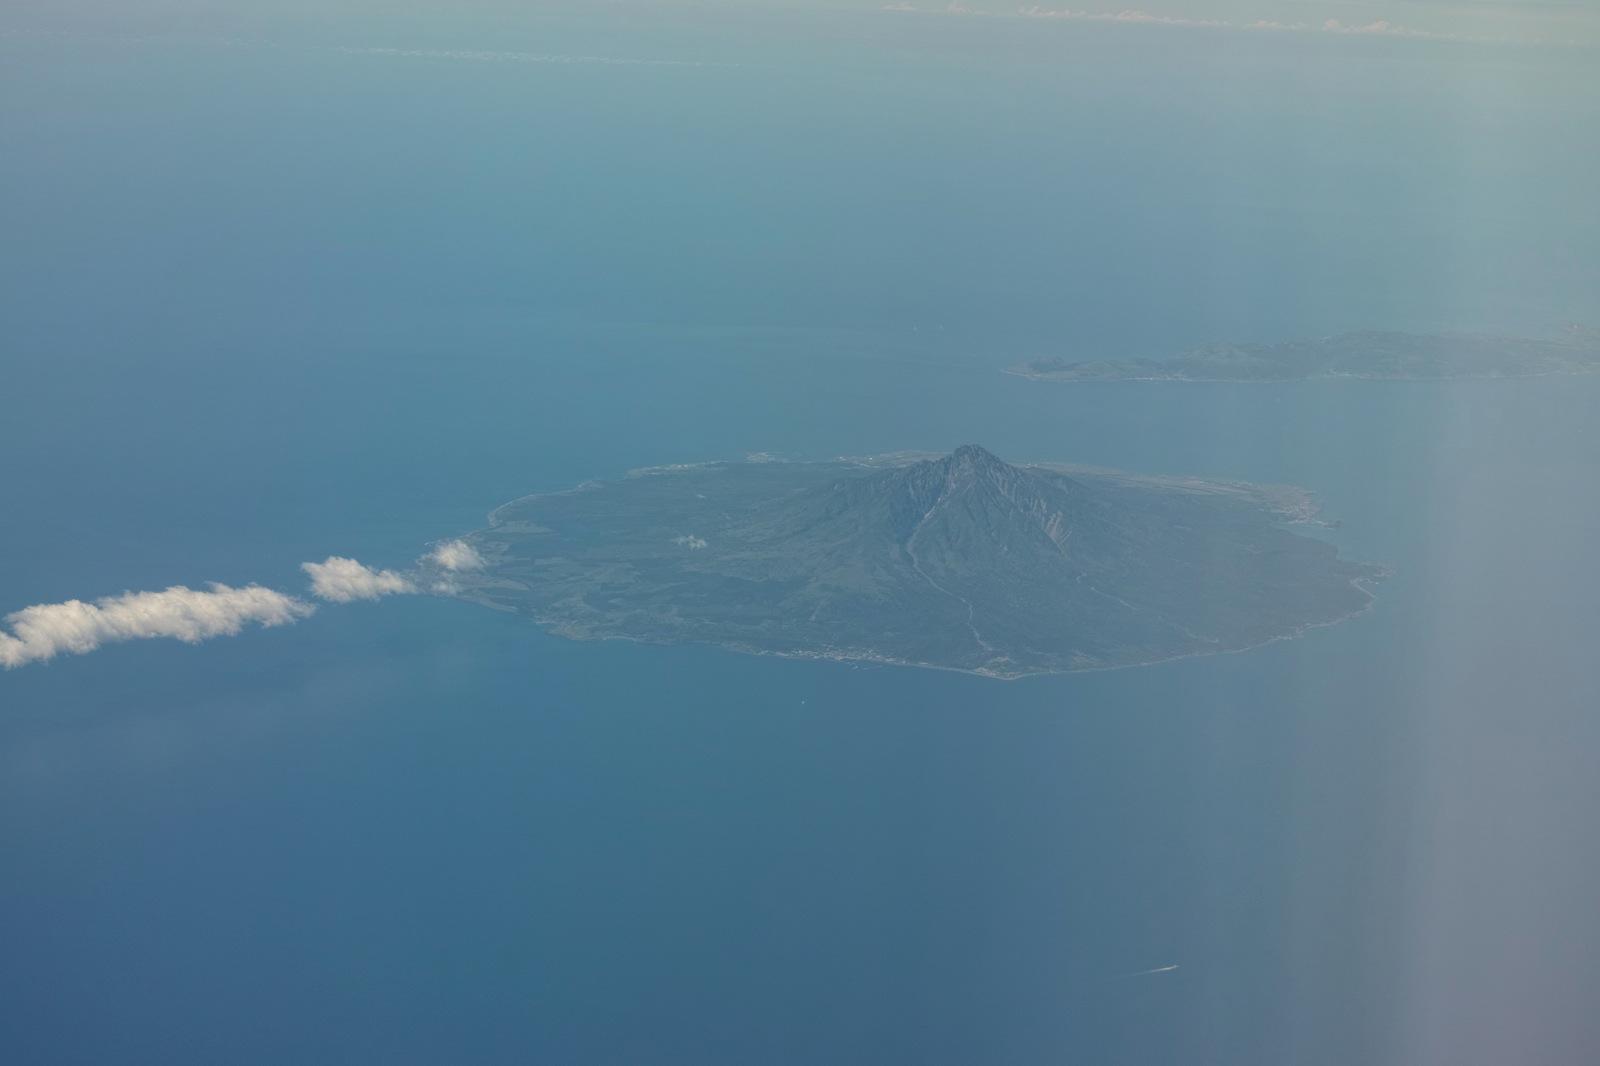 飛行機からの眺め_d0133581_11532.jpg